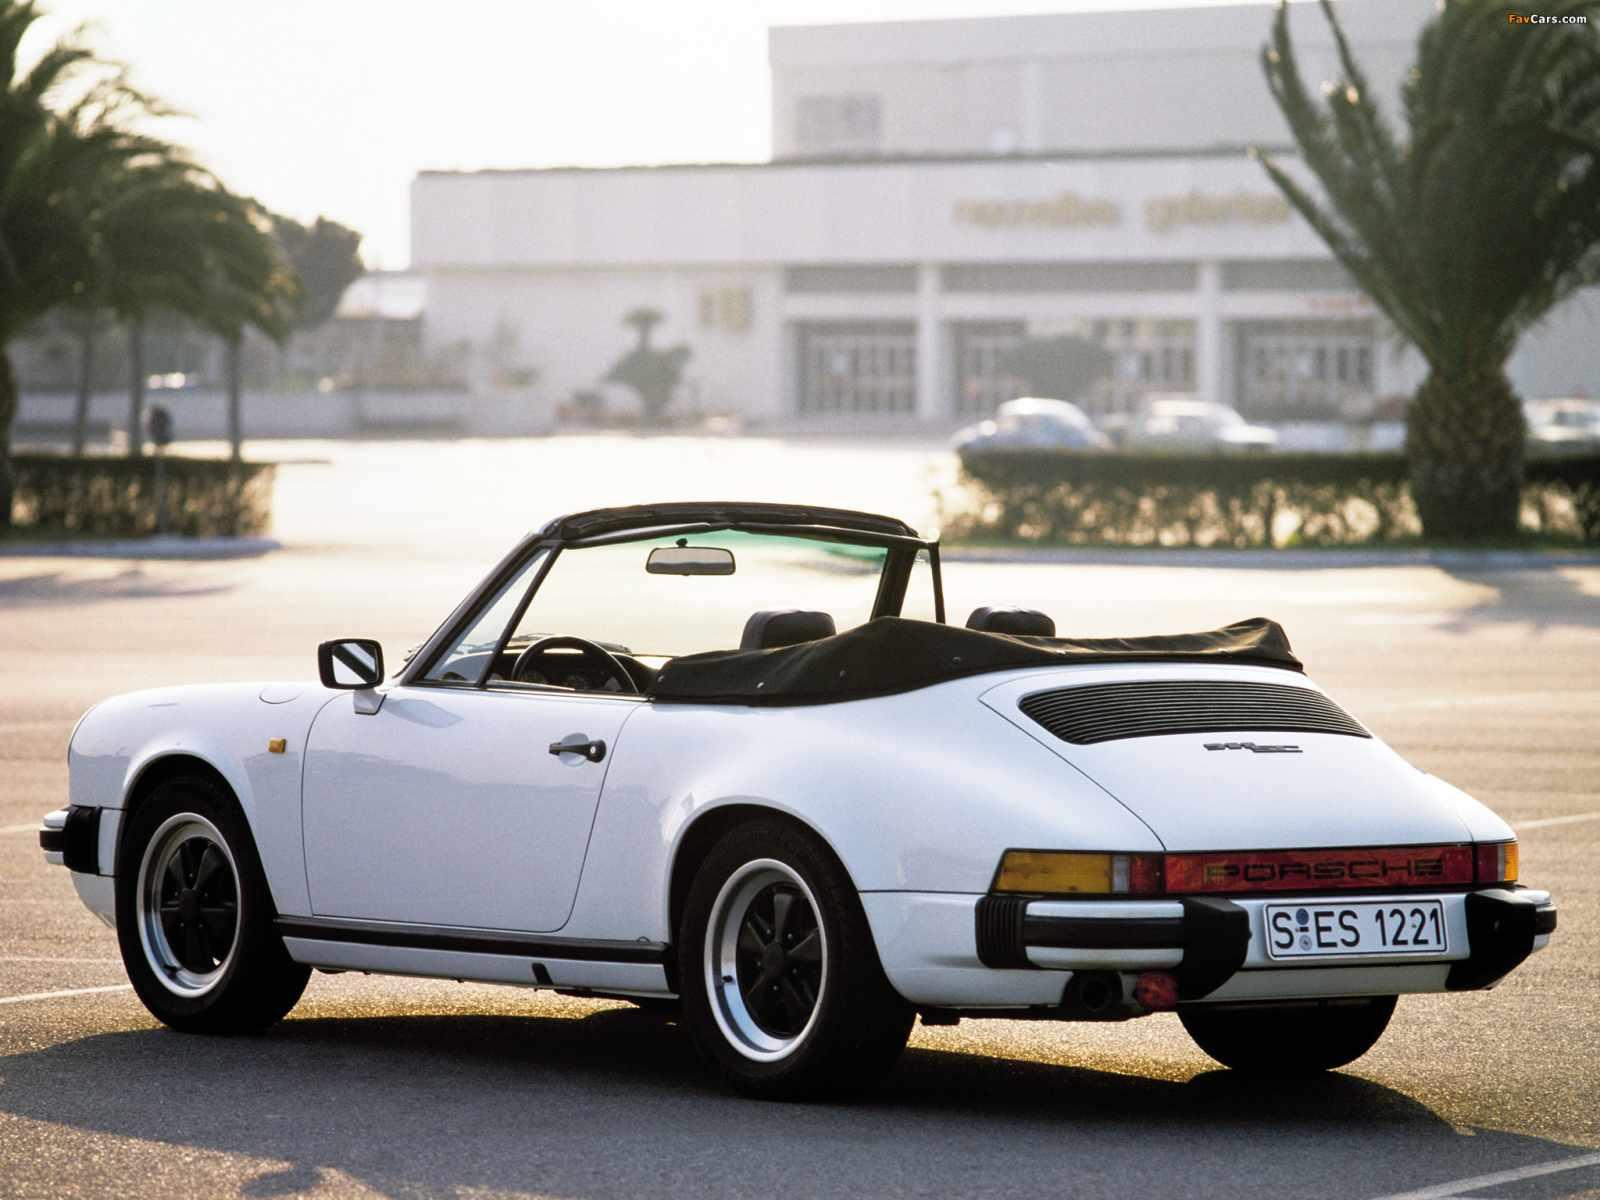 Porsche 911 sc 1982 porsche 911 sc cabrio vanachro Gallery